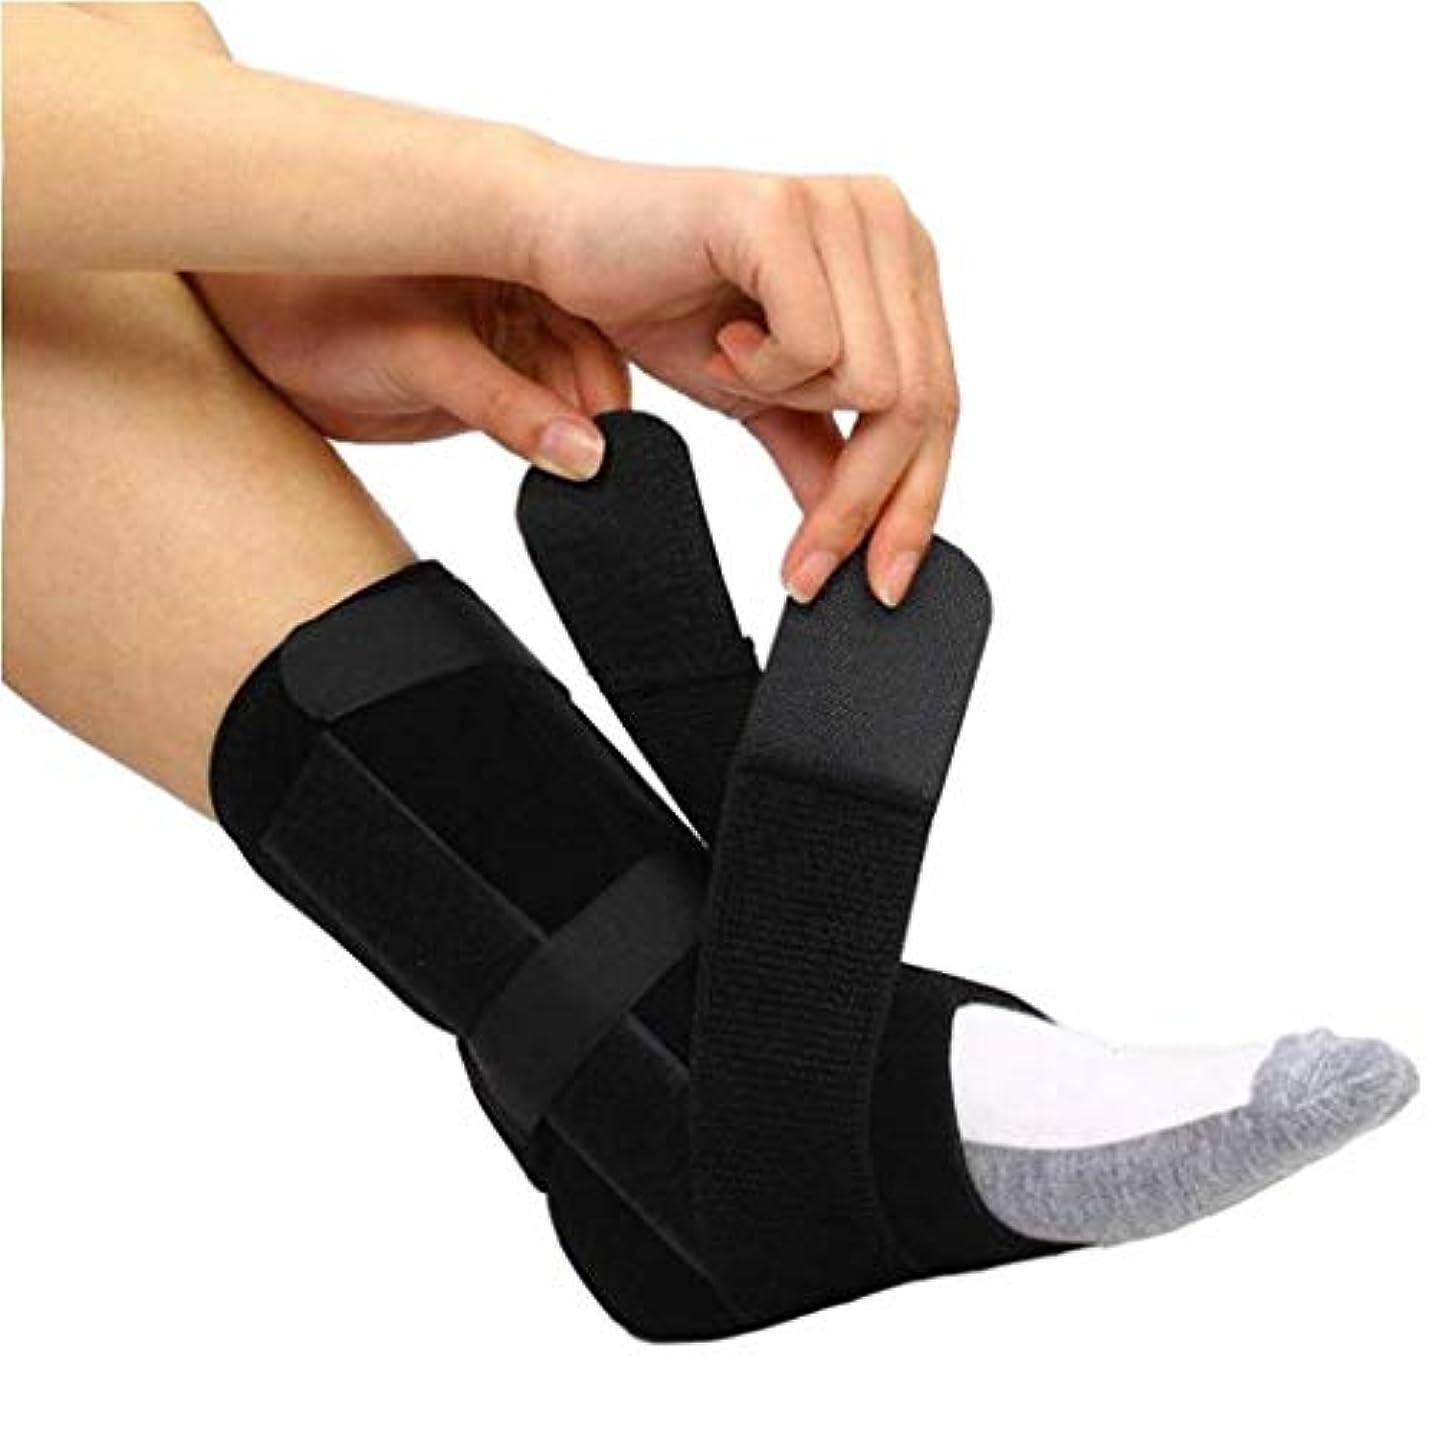 ルーフしょっぱいライナードロップフット–ドロップフット、神経損傷、足の位置、圧力緩和、足首と足の装具のサポート-ユニセックス (Size : L)